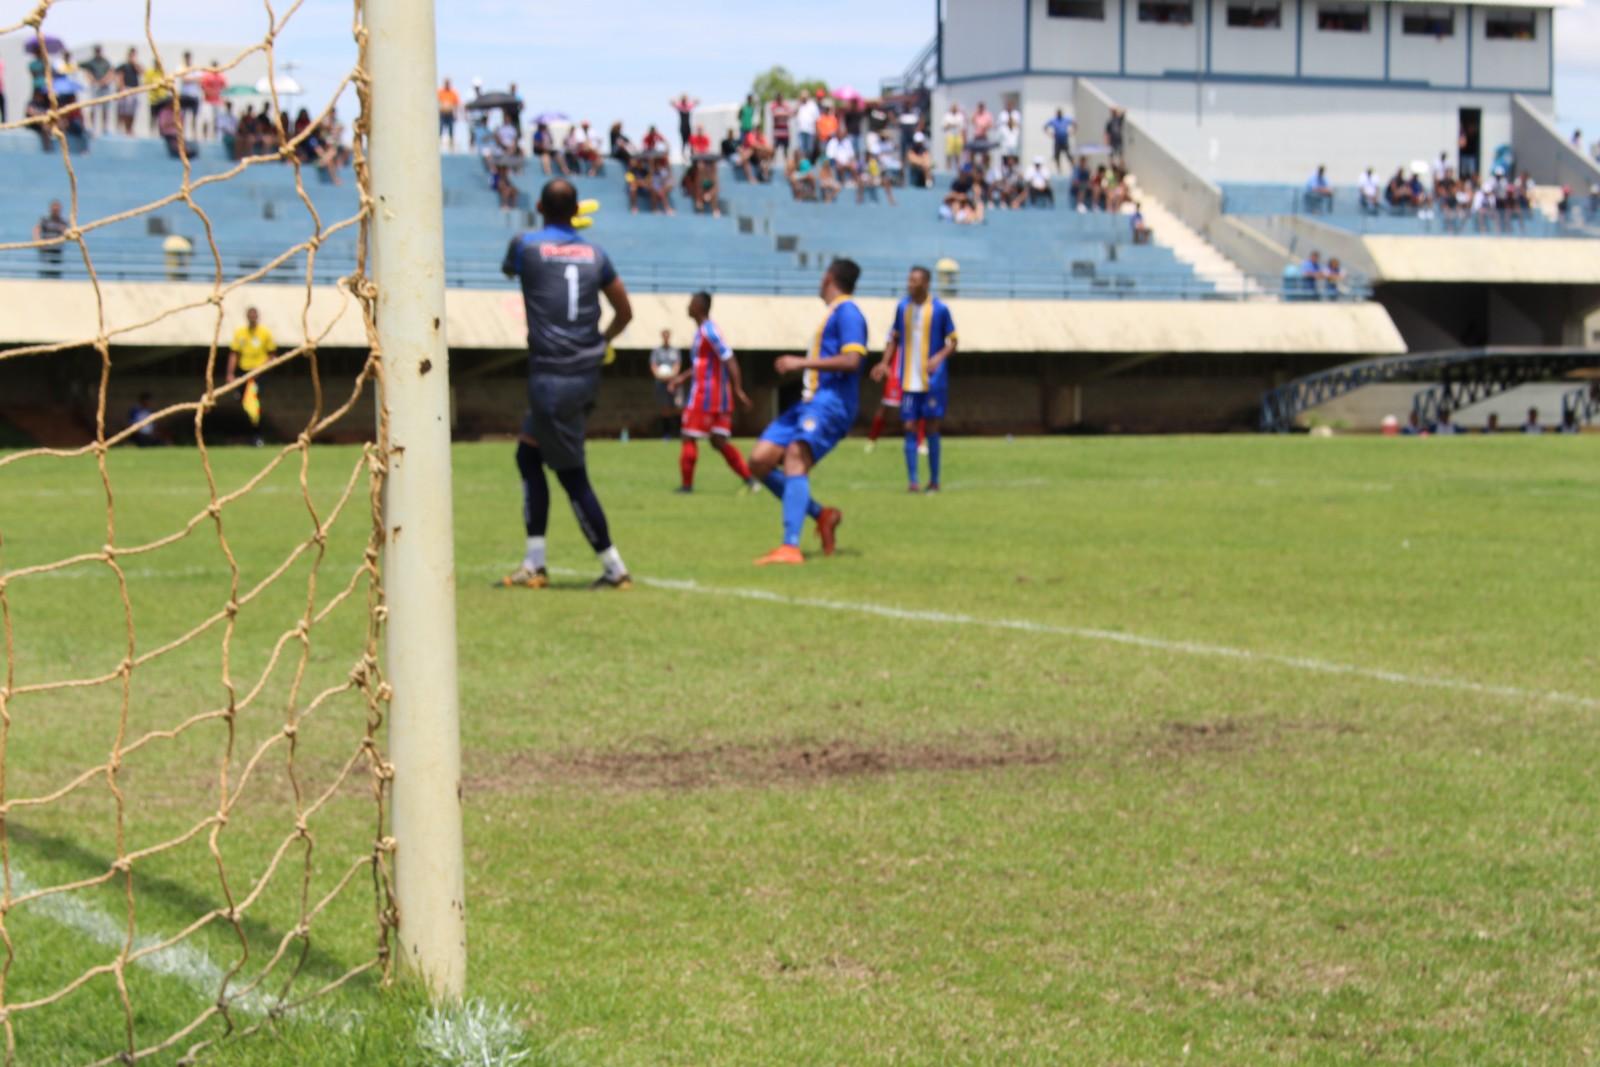 Faltando menos de um mês para o Tocantinense, apenas metade dos clubes se cadastraram